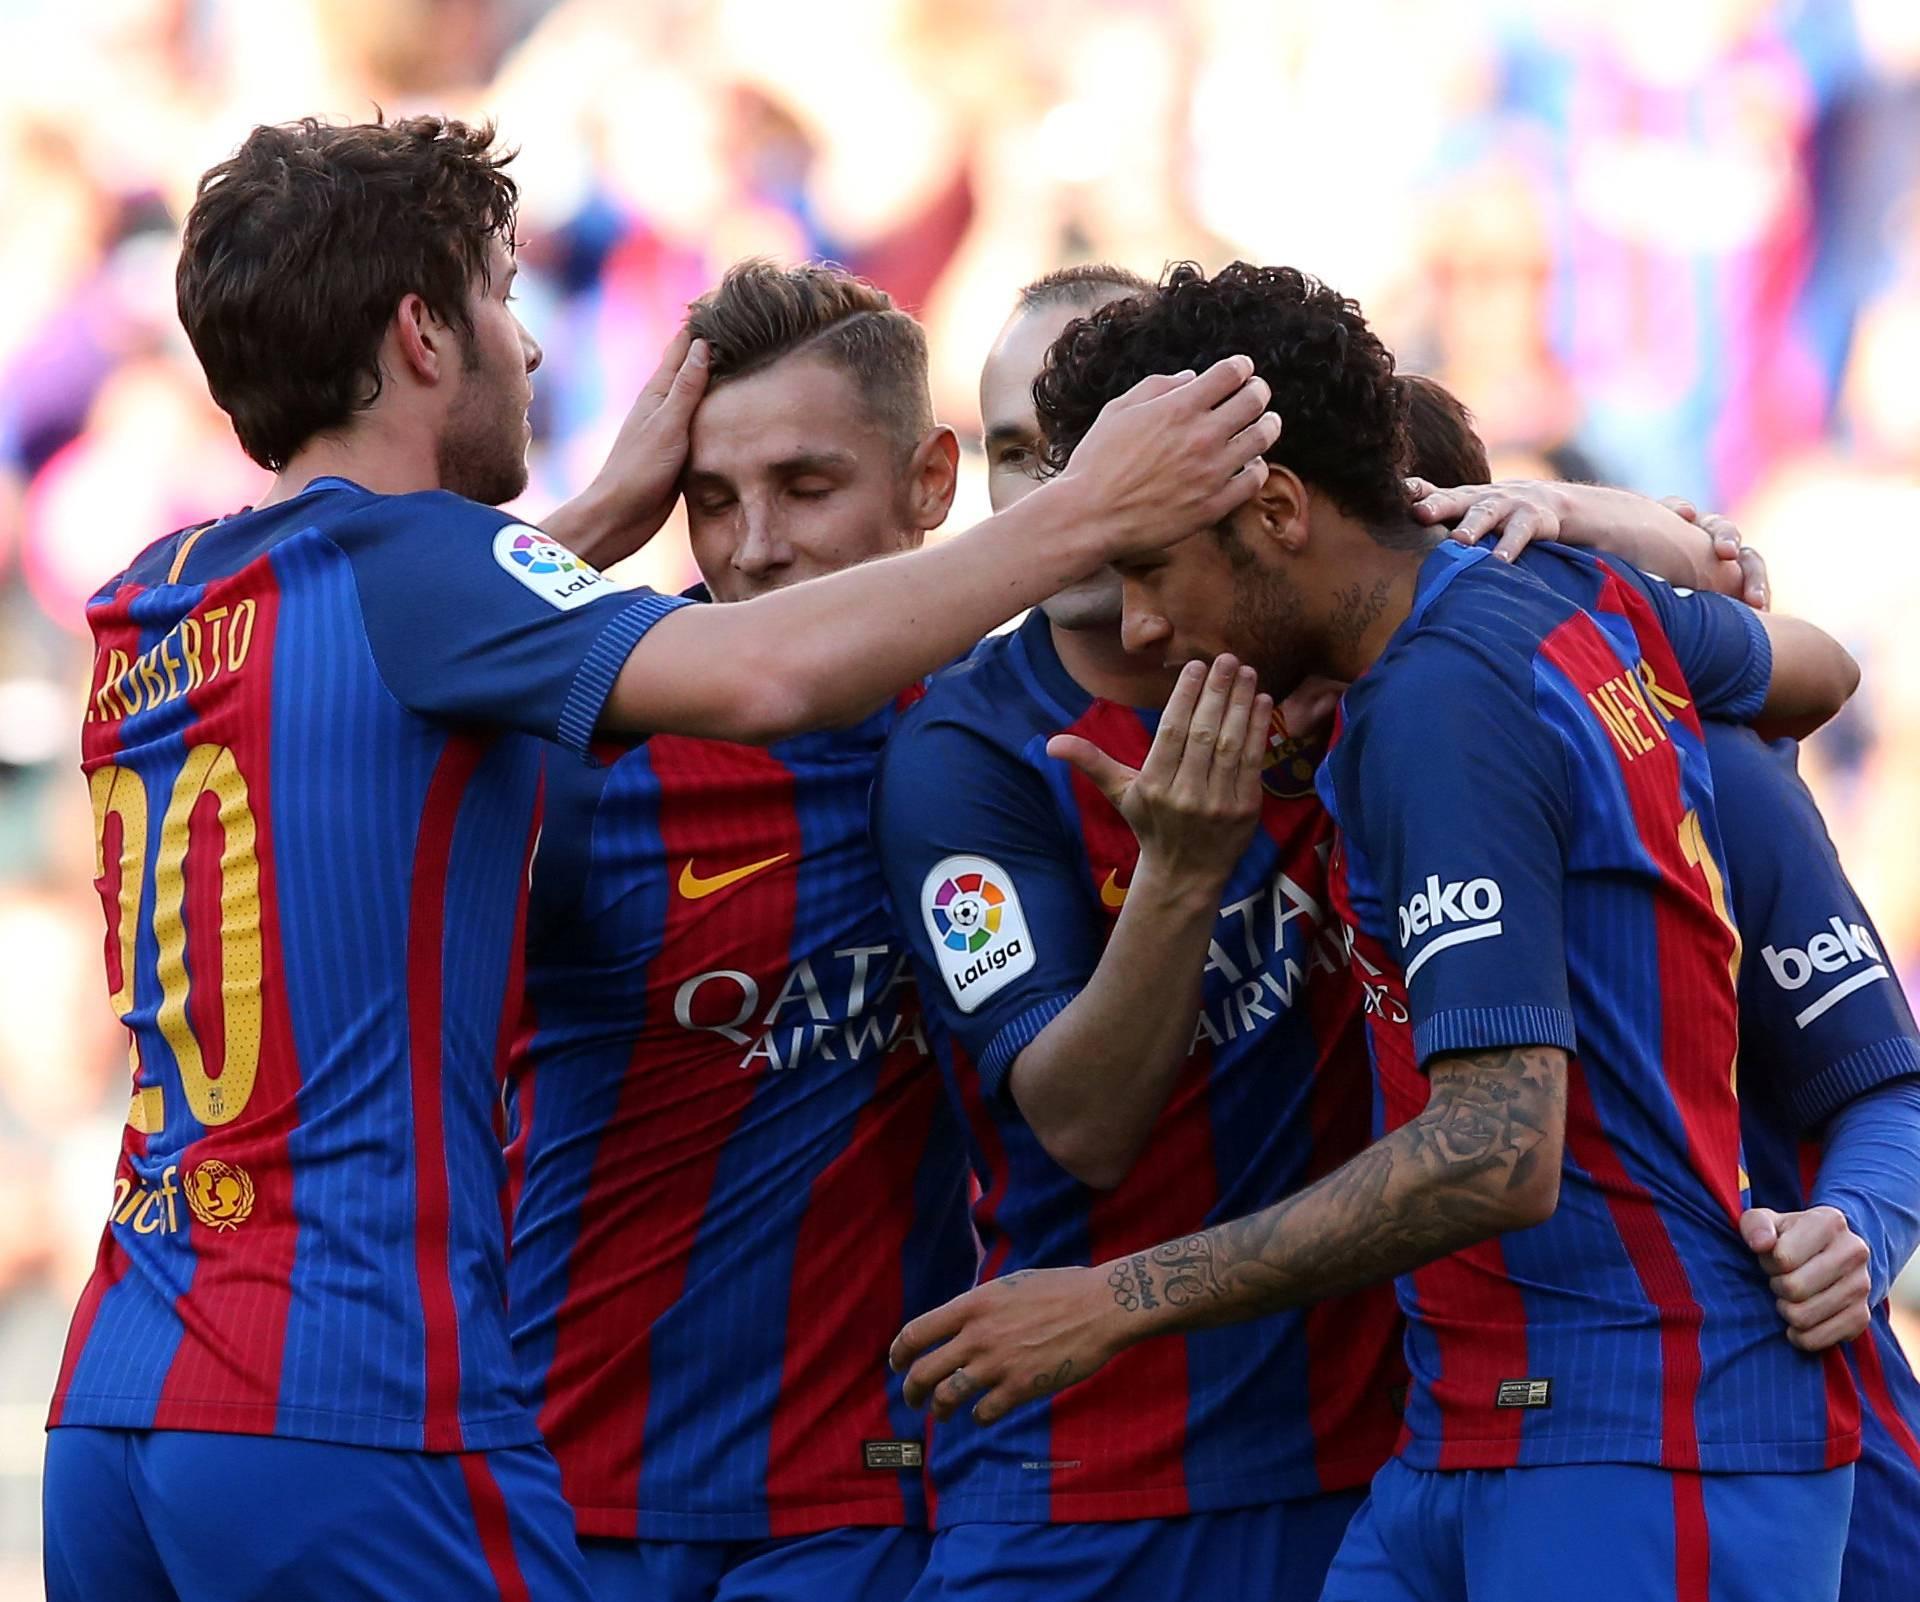 Football Soccer - Barcelona v Villarreal - Spanish La Liga Santander - Camp Nou stadium